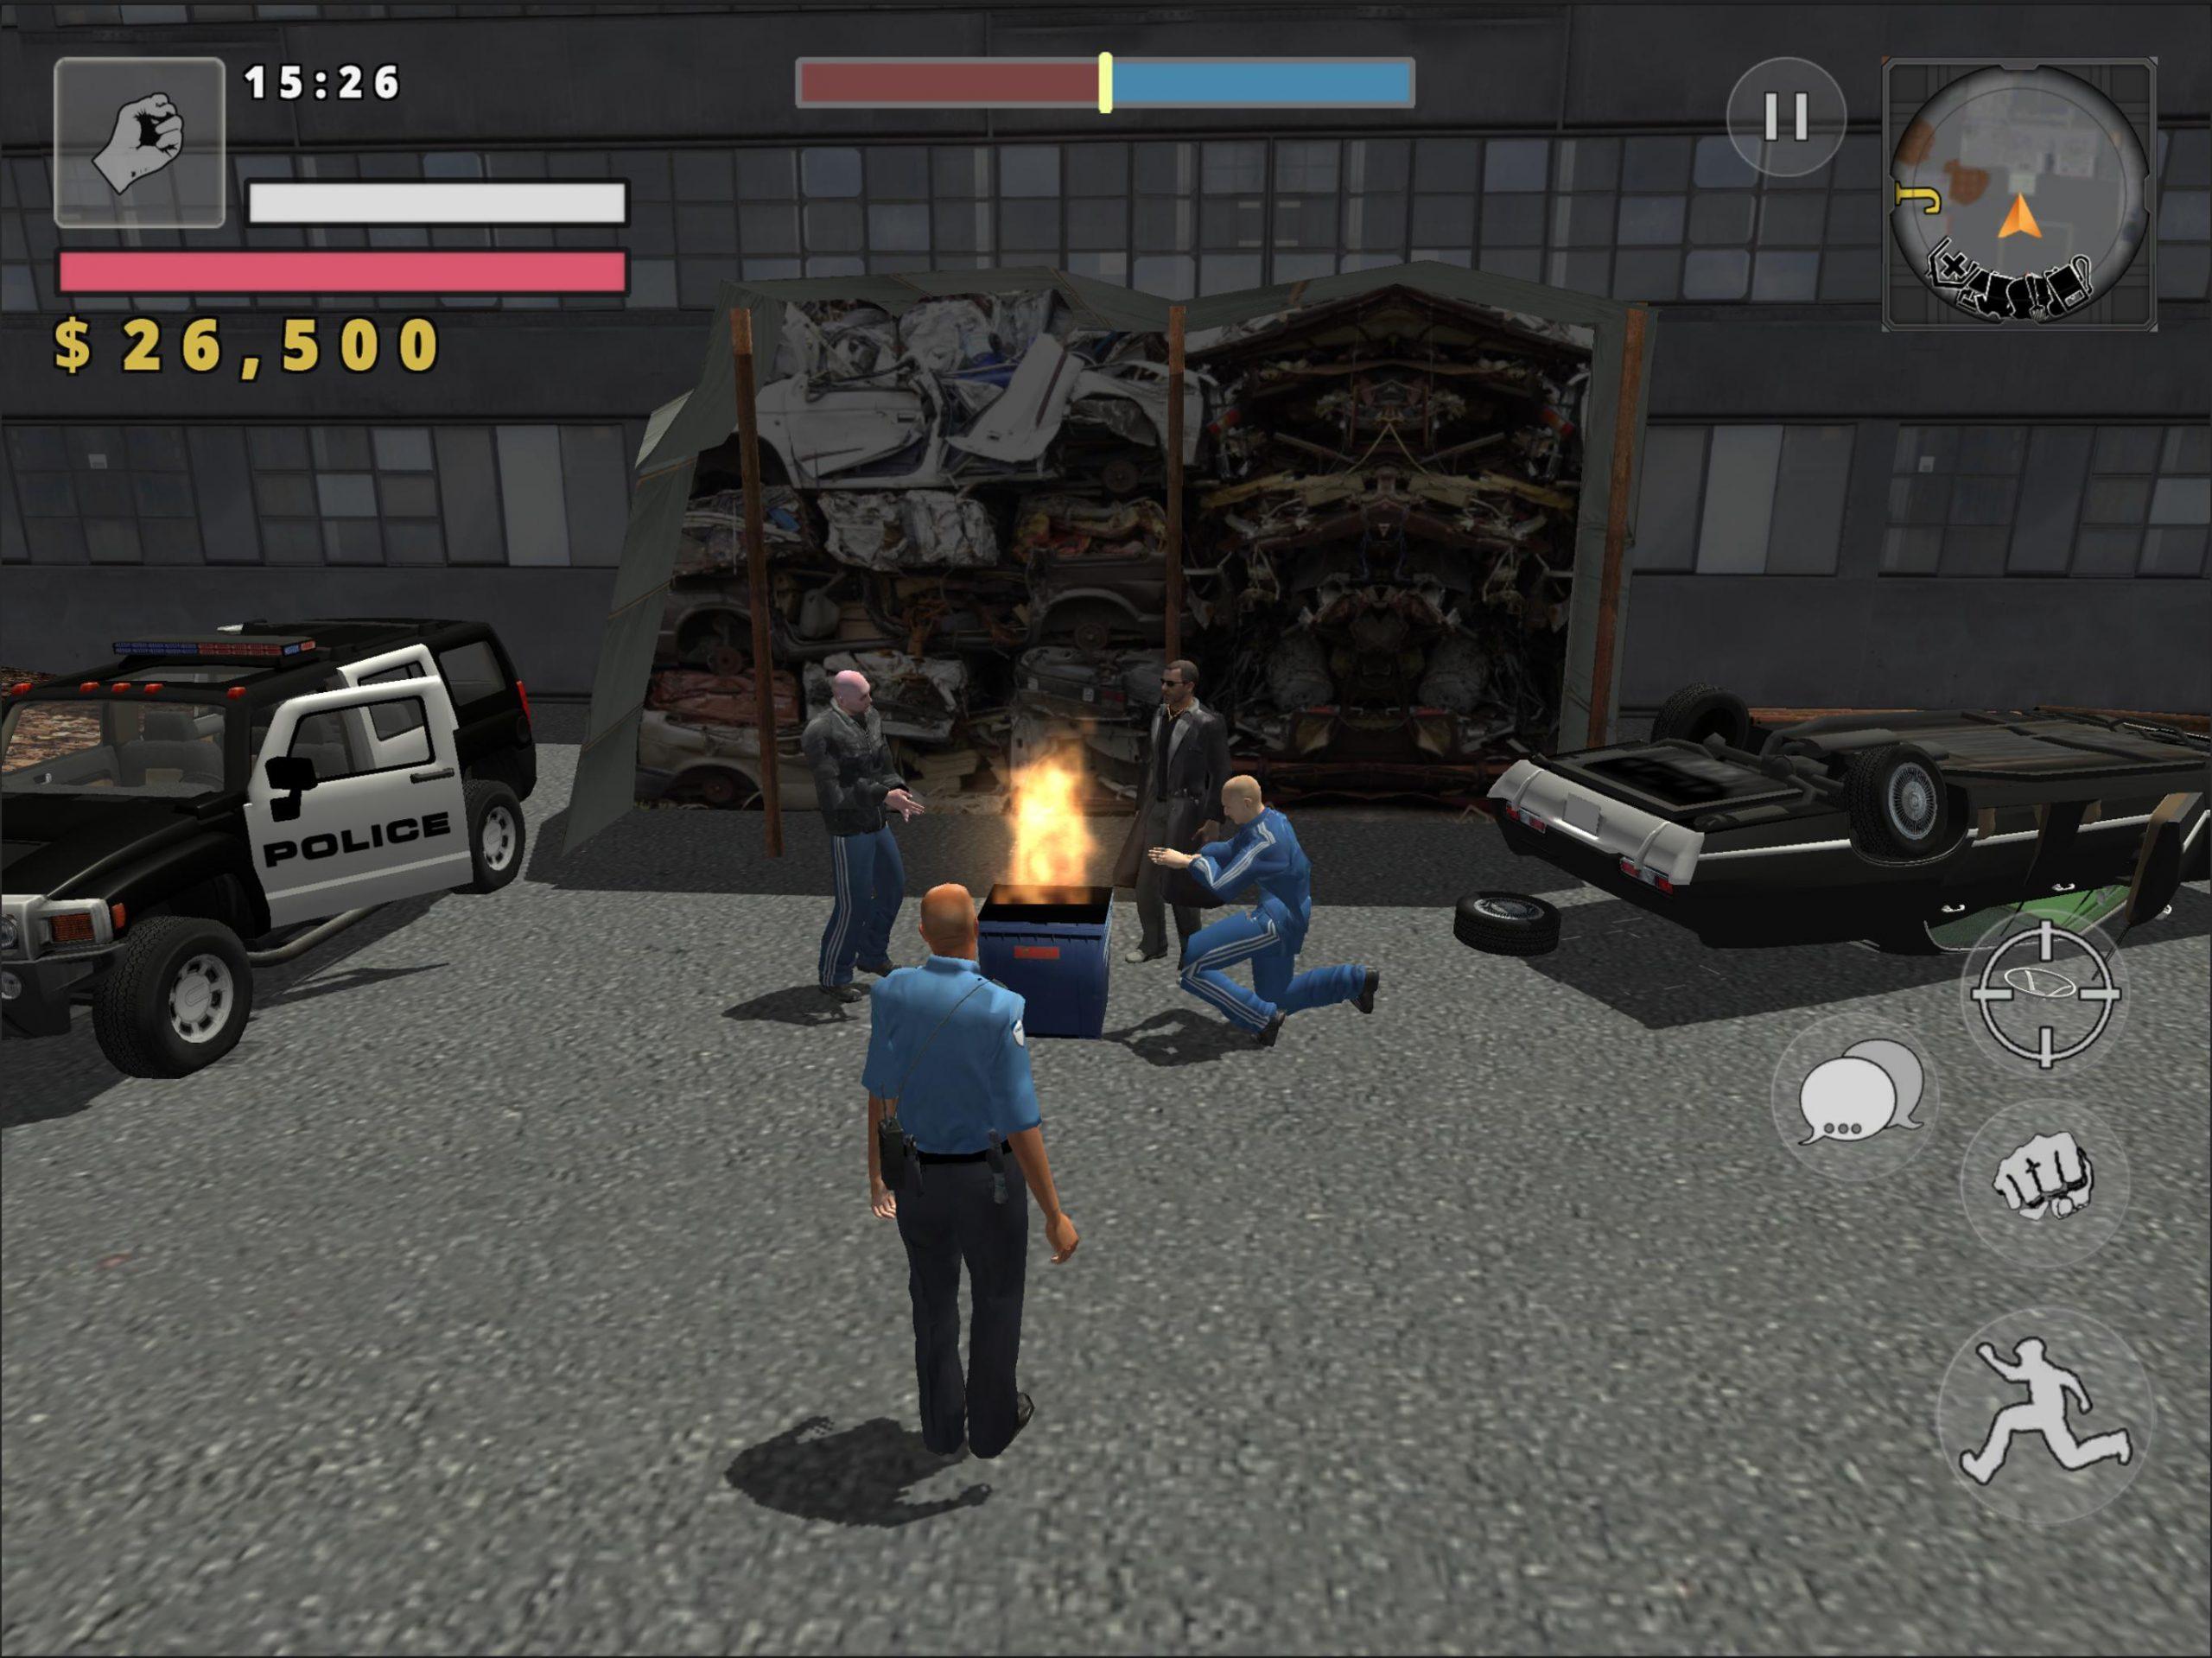 симулятор полицейского война банд скачать